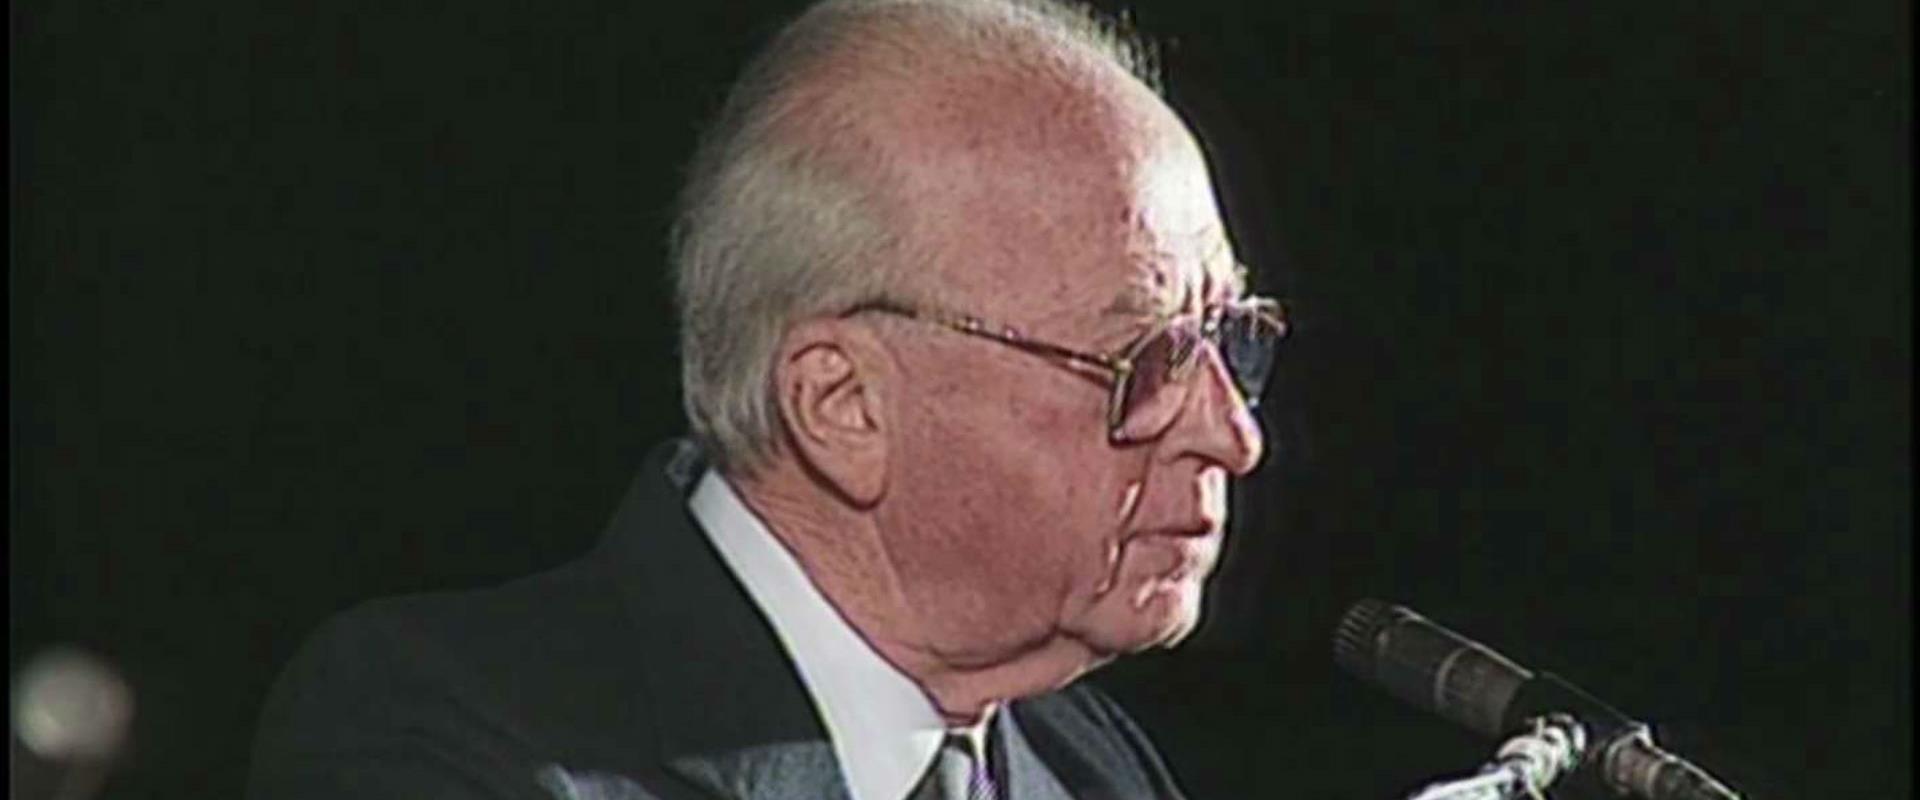 יצחר רבין בעצרת השלום ב-1995, לפני הירצחו